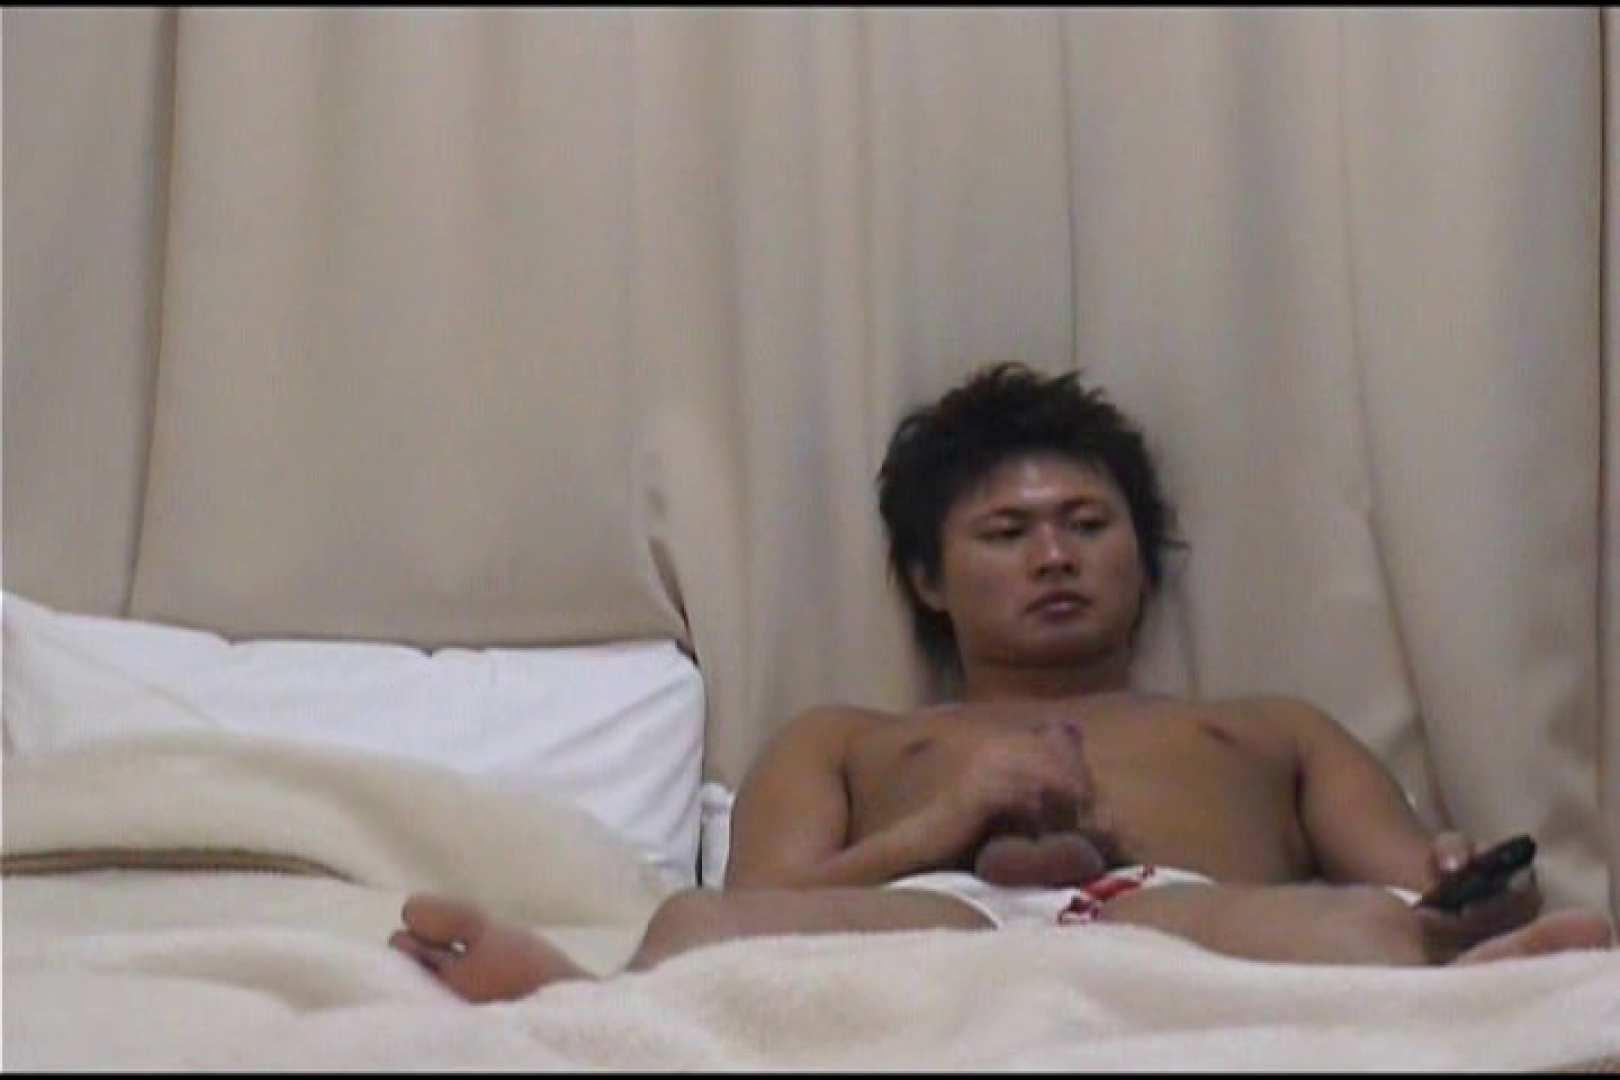 目線解禁!ノンケイケメン自慰行為編特集!VOL.01 イケメンのsex | 人気シリーズ  54pic 35